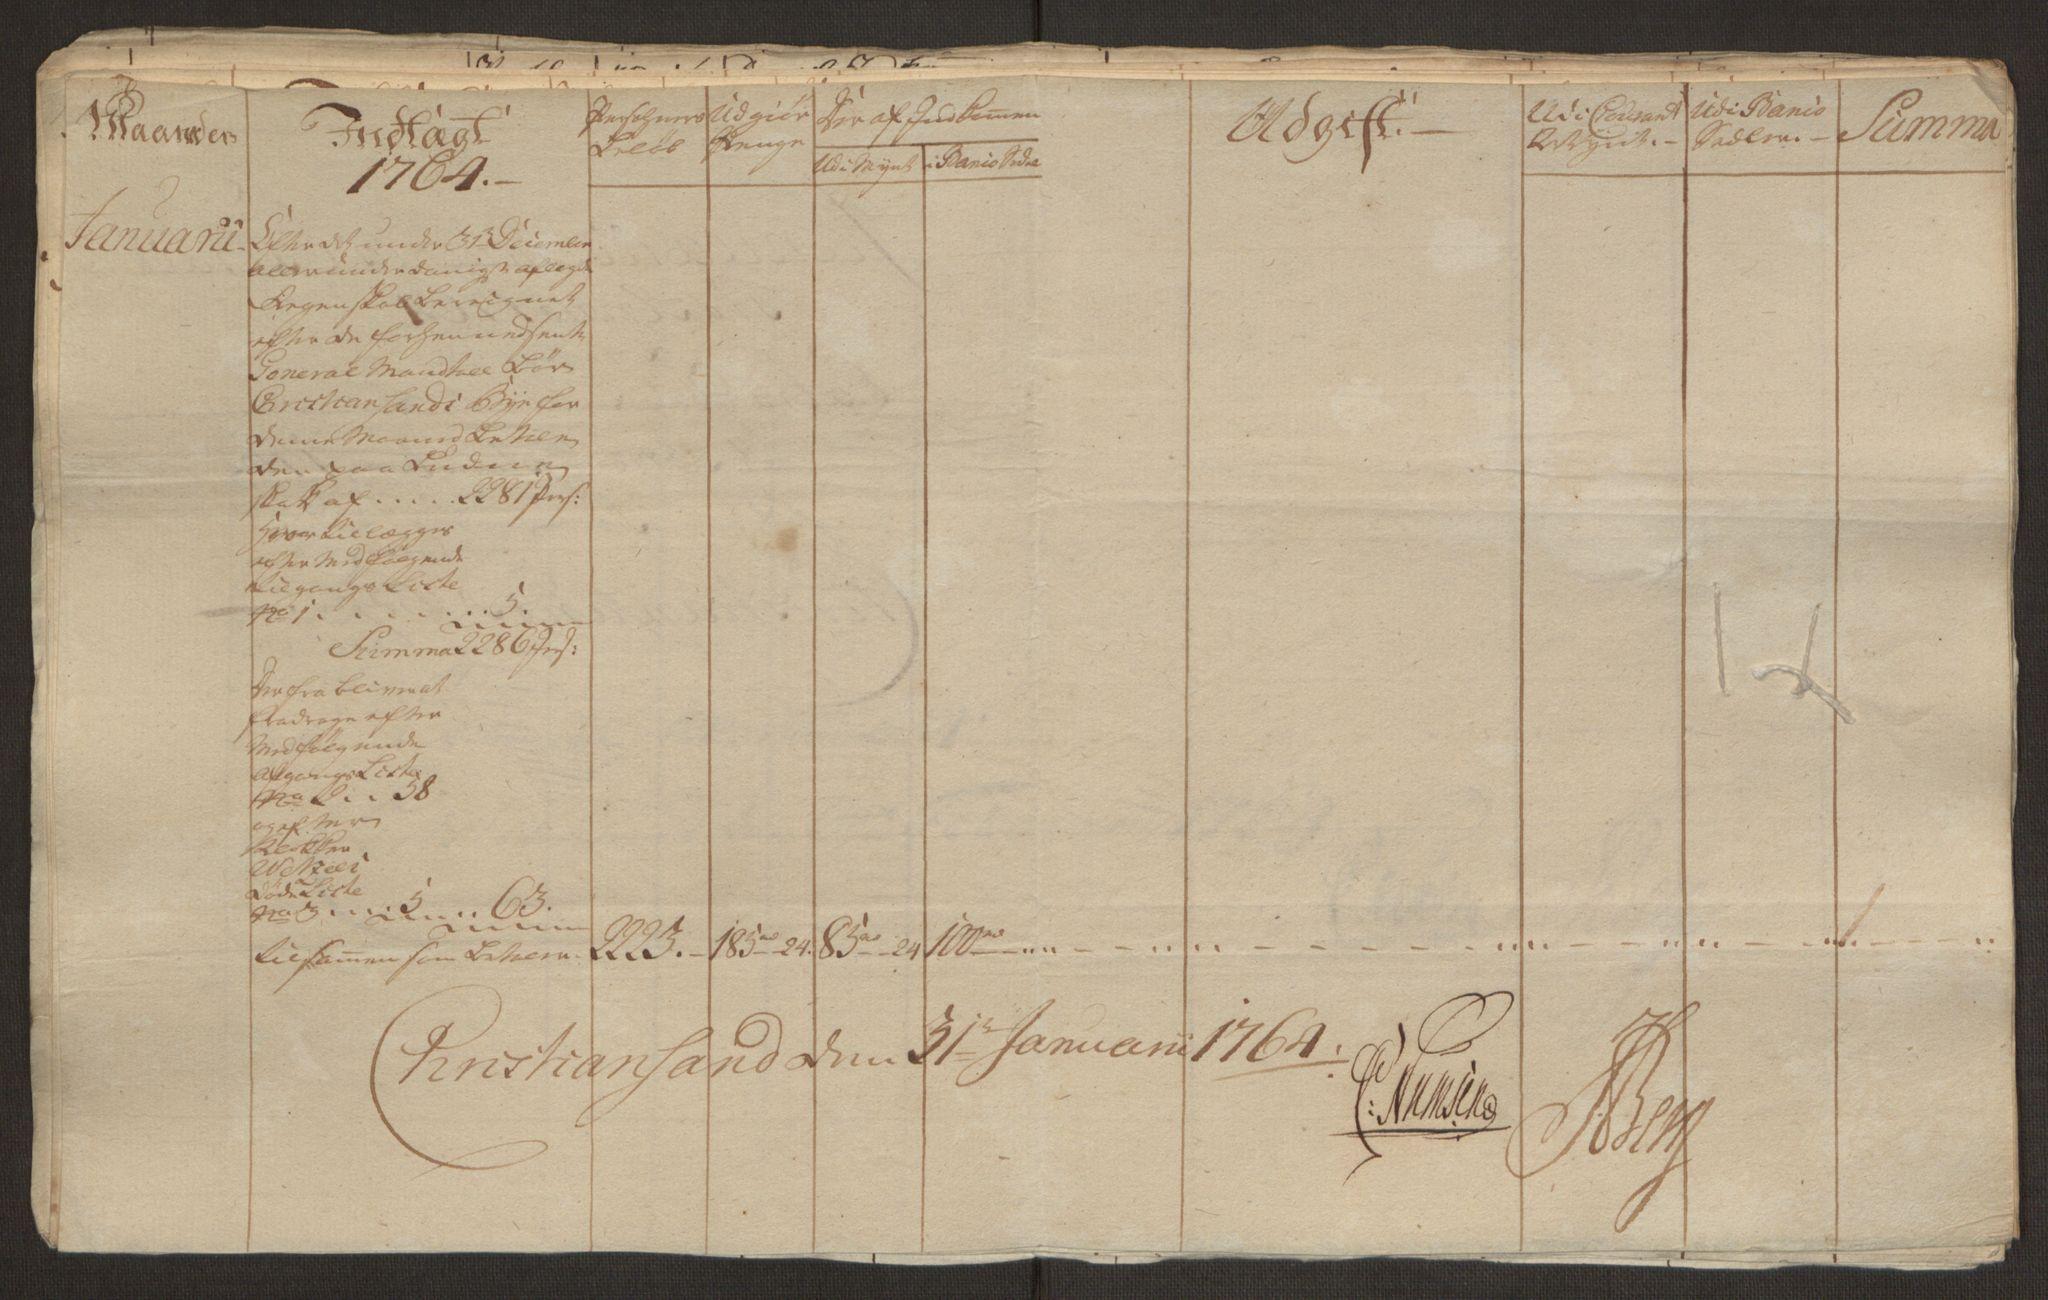 RA, Rentekammeret inntil 1814, Reviderte regnskaper, Byregnskaper, R/Rm/L0265: [M6] Kontribusjonsregnskap, 1762-1764, s. 313